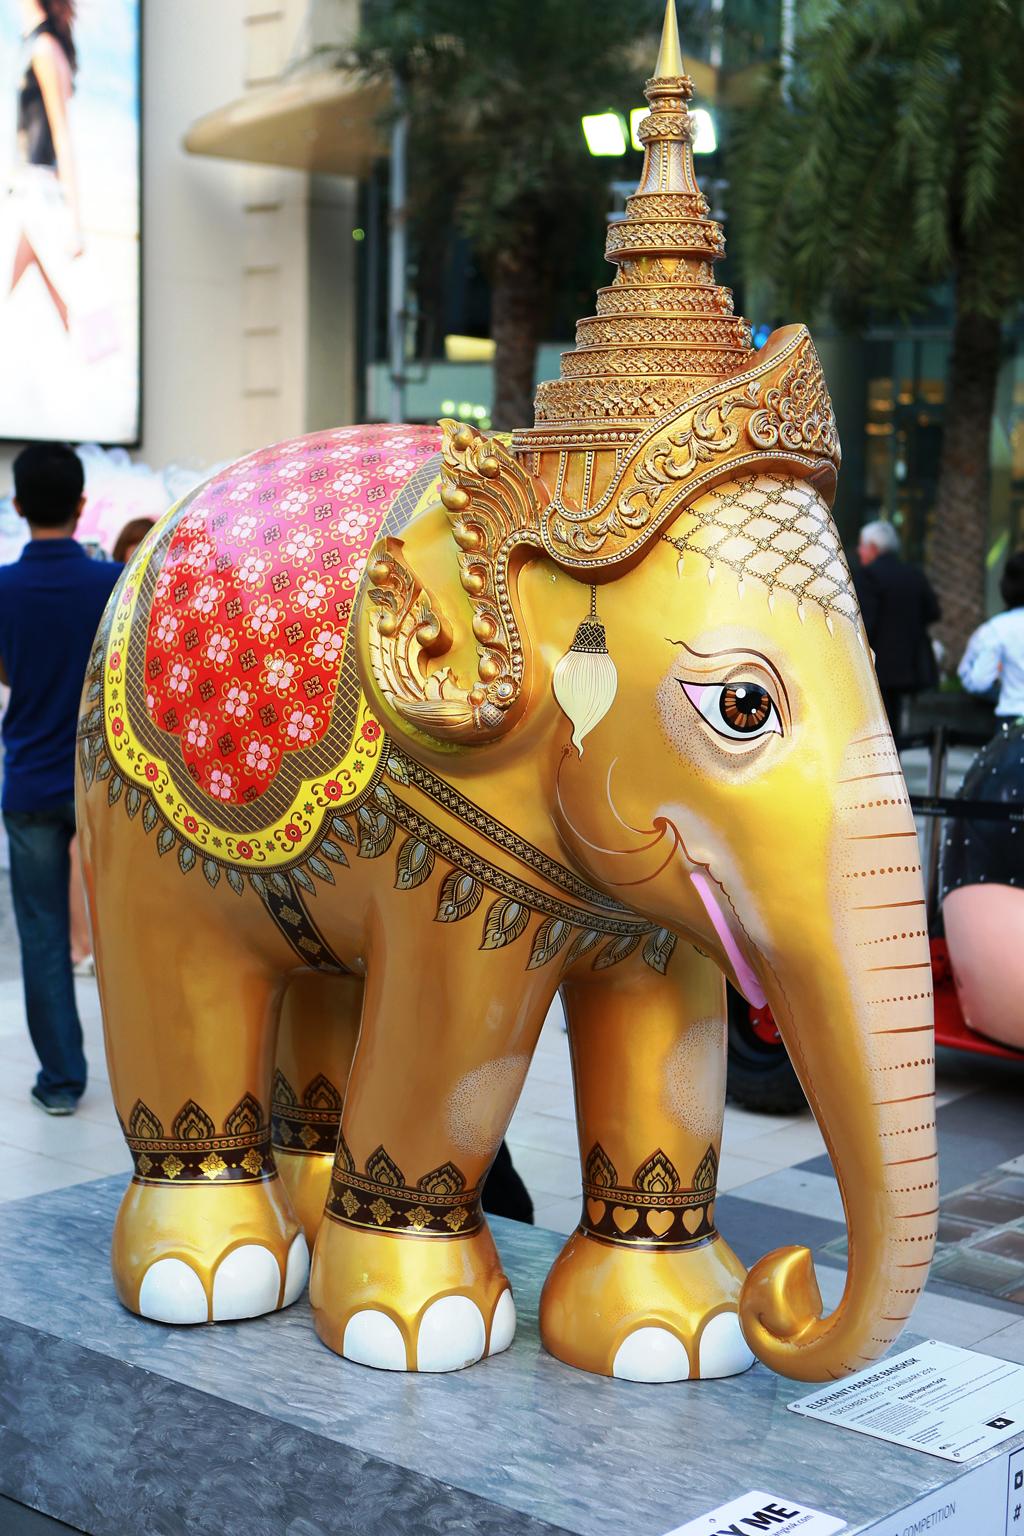 Elephant Parade Bangkok - Royal Elephant